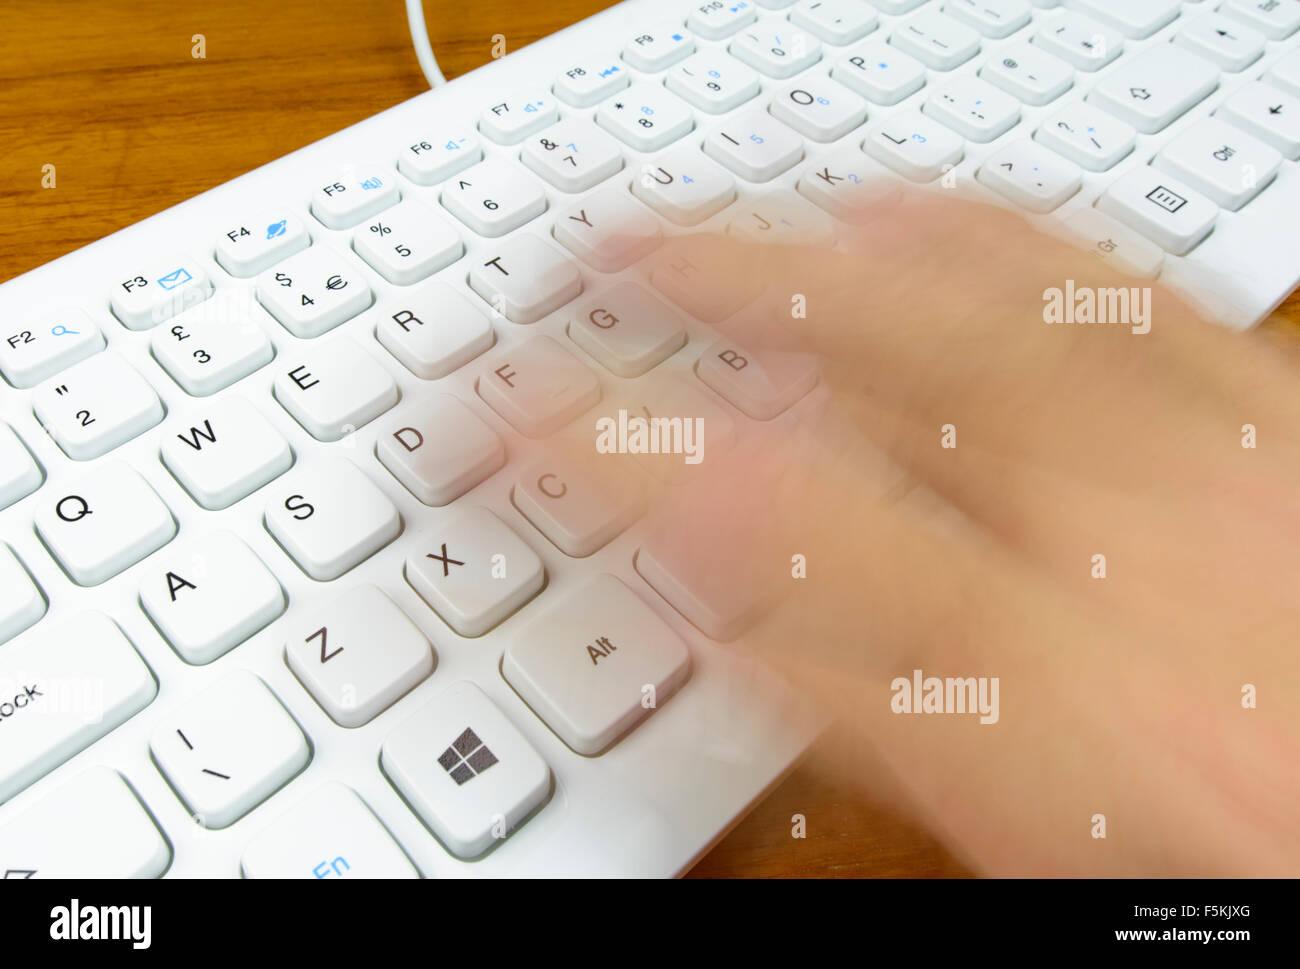 Tippen schnell auf einer Computertastatur mit der Schreibkräfte Hand unscharf um Geschwindigkeit abzuleiten. Stockbild